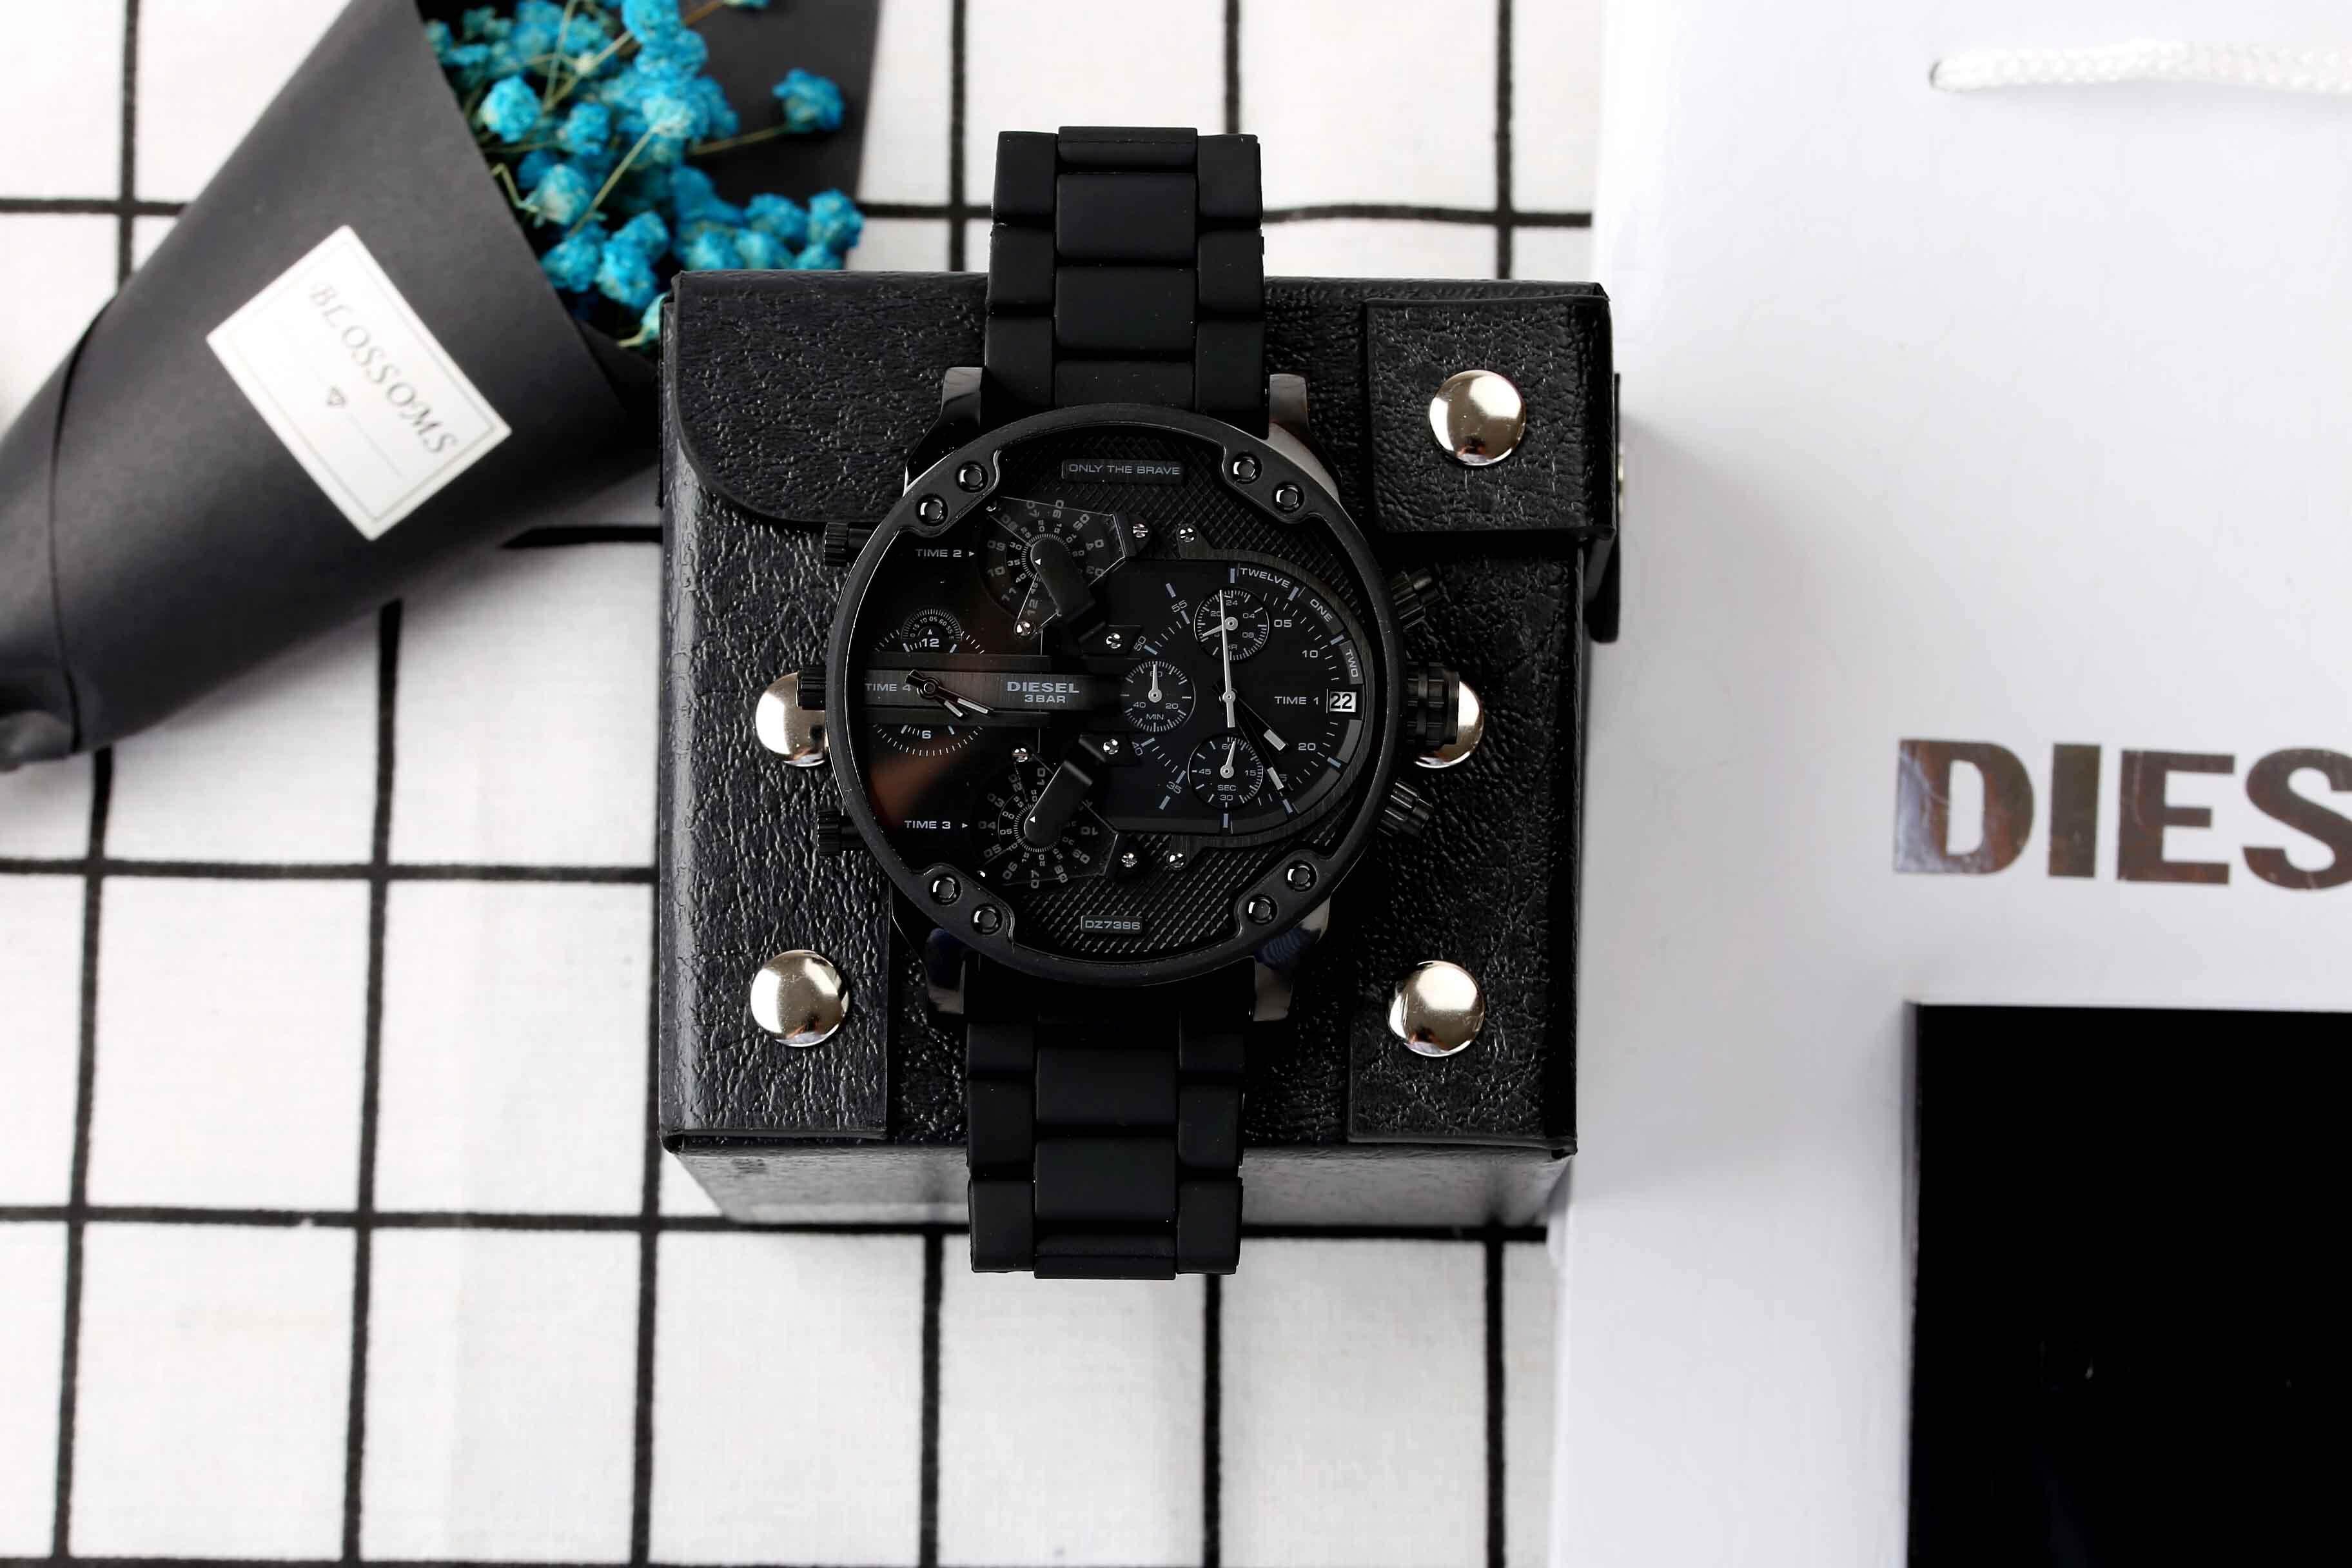 การใช้งาน  สุรินทร์ สินค้าของแท้ 100% กันน้ำดีเซลนาฬิกาผู้ชายสไตล์ใหม่! รุ่นสำหรับทหาร. สาม - Eye นาฬิกาจับเวลา Mineral Toughened แก้วกระจกญี่ปุ่นควอตซ์ Core. สายเรซิน